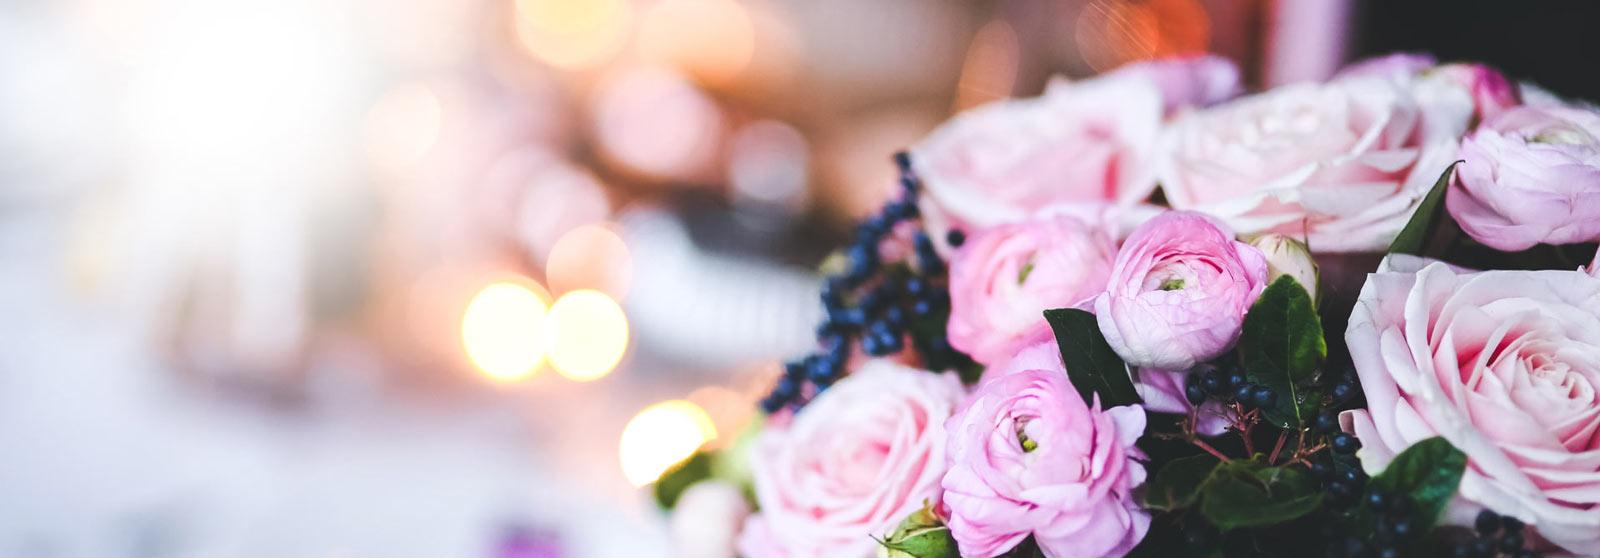 گل های مصنوعی و نکاتی چند در این رابطه